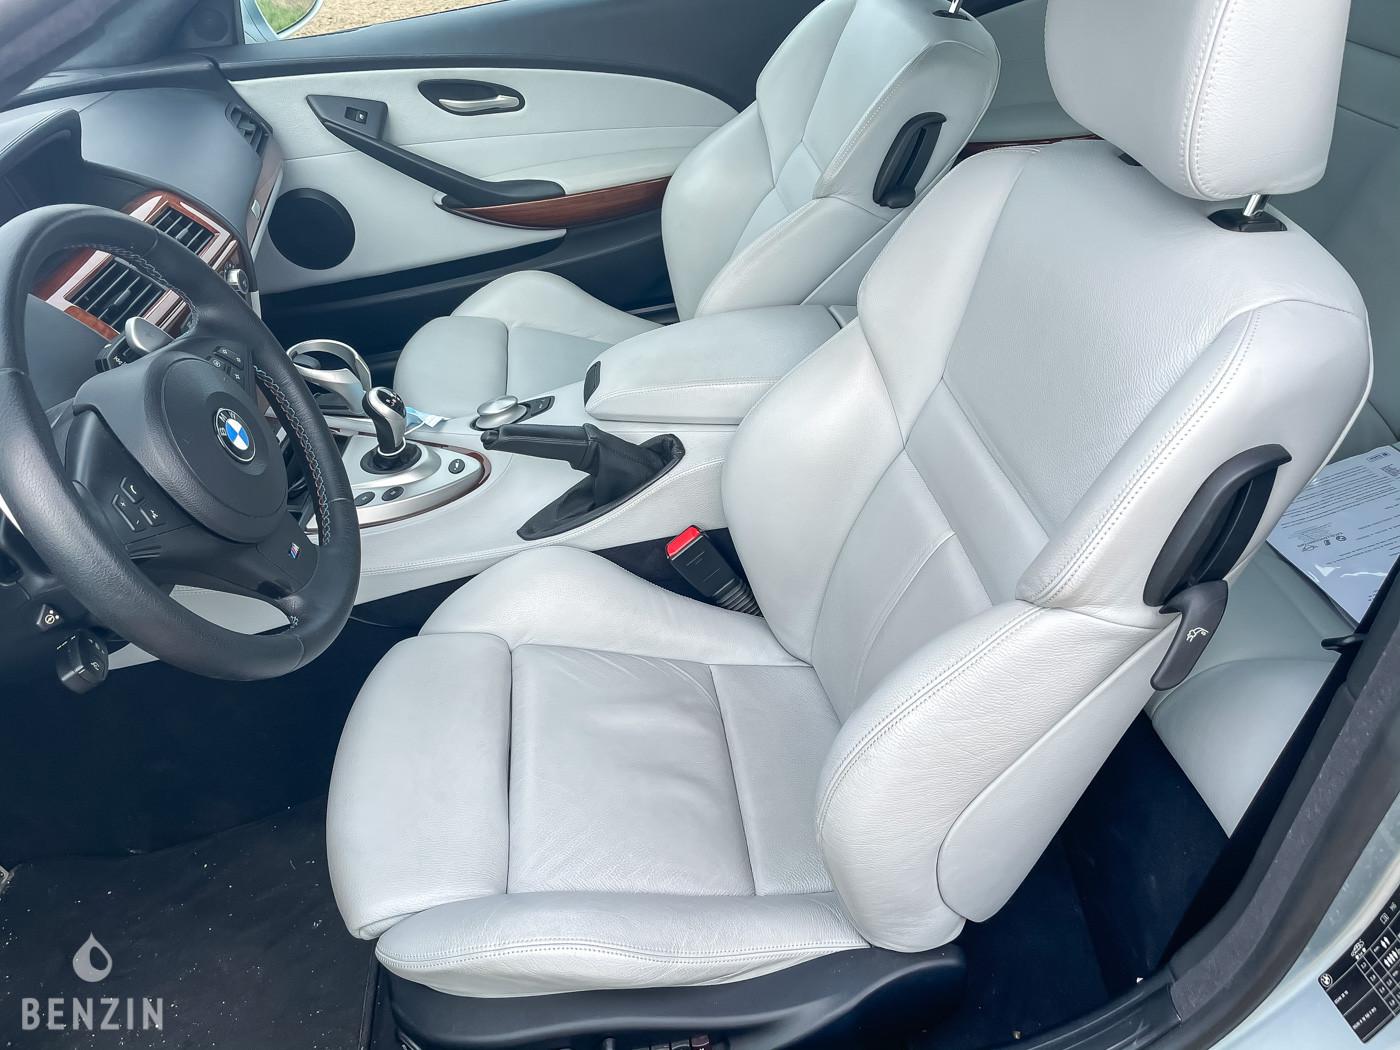 BMW M6 à vendre occasion for sale zu verkaufen se vende te koop